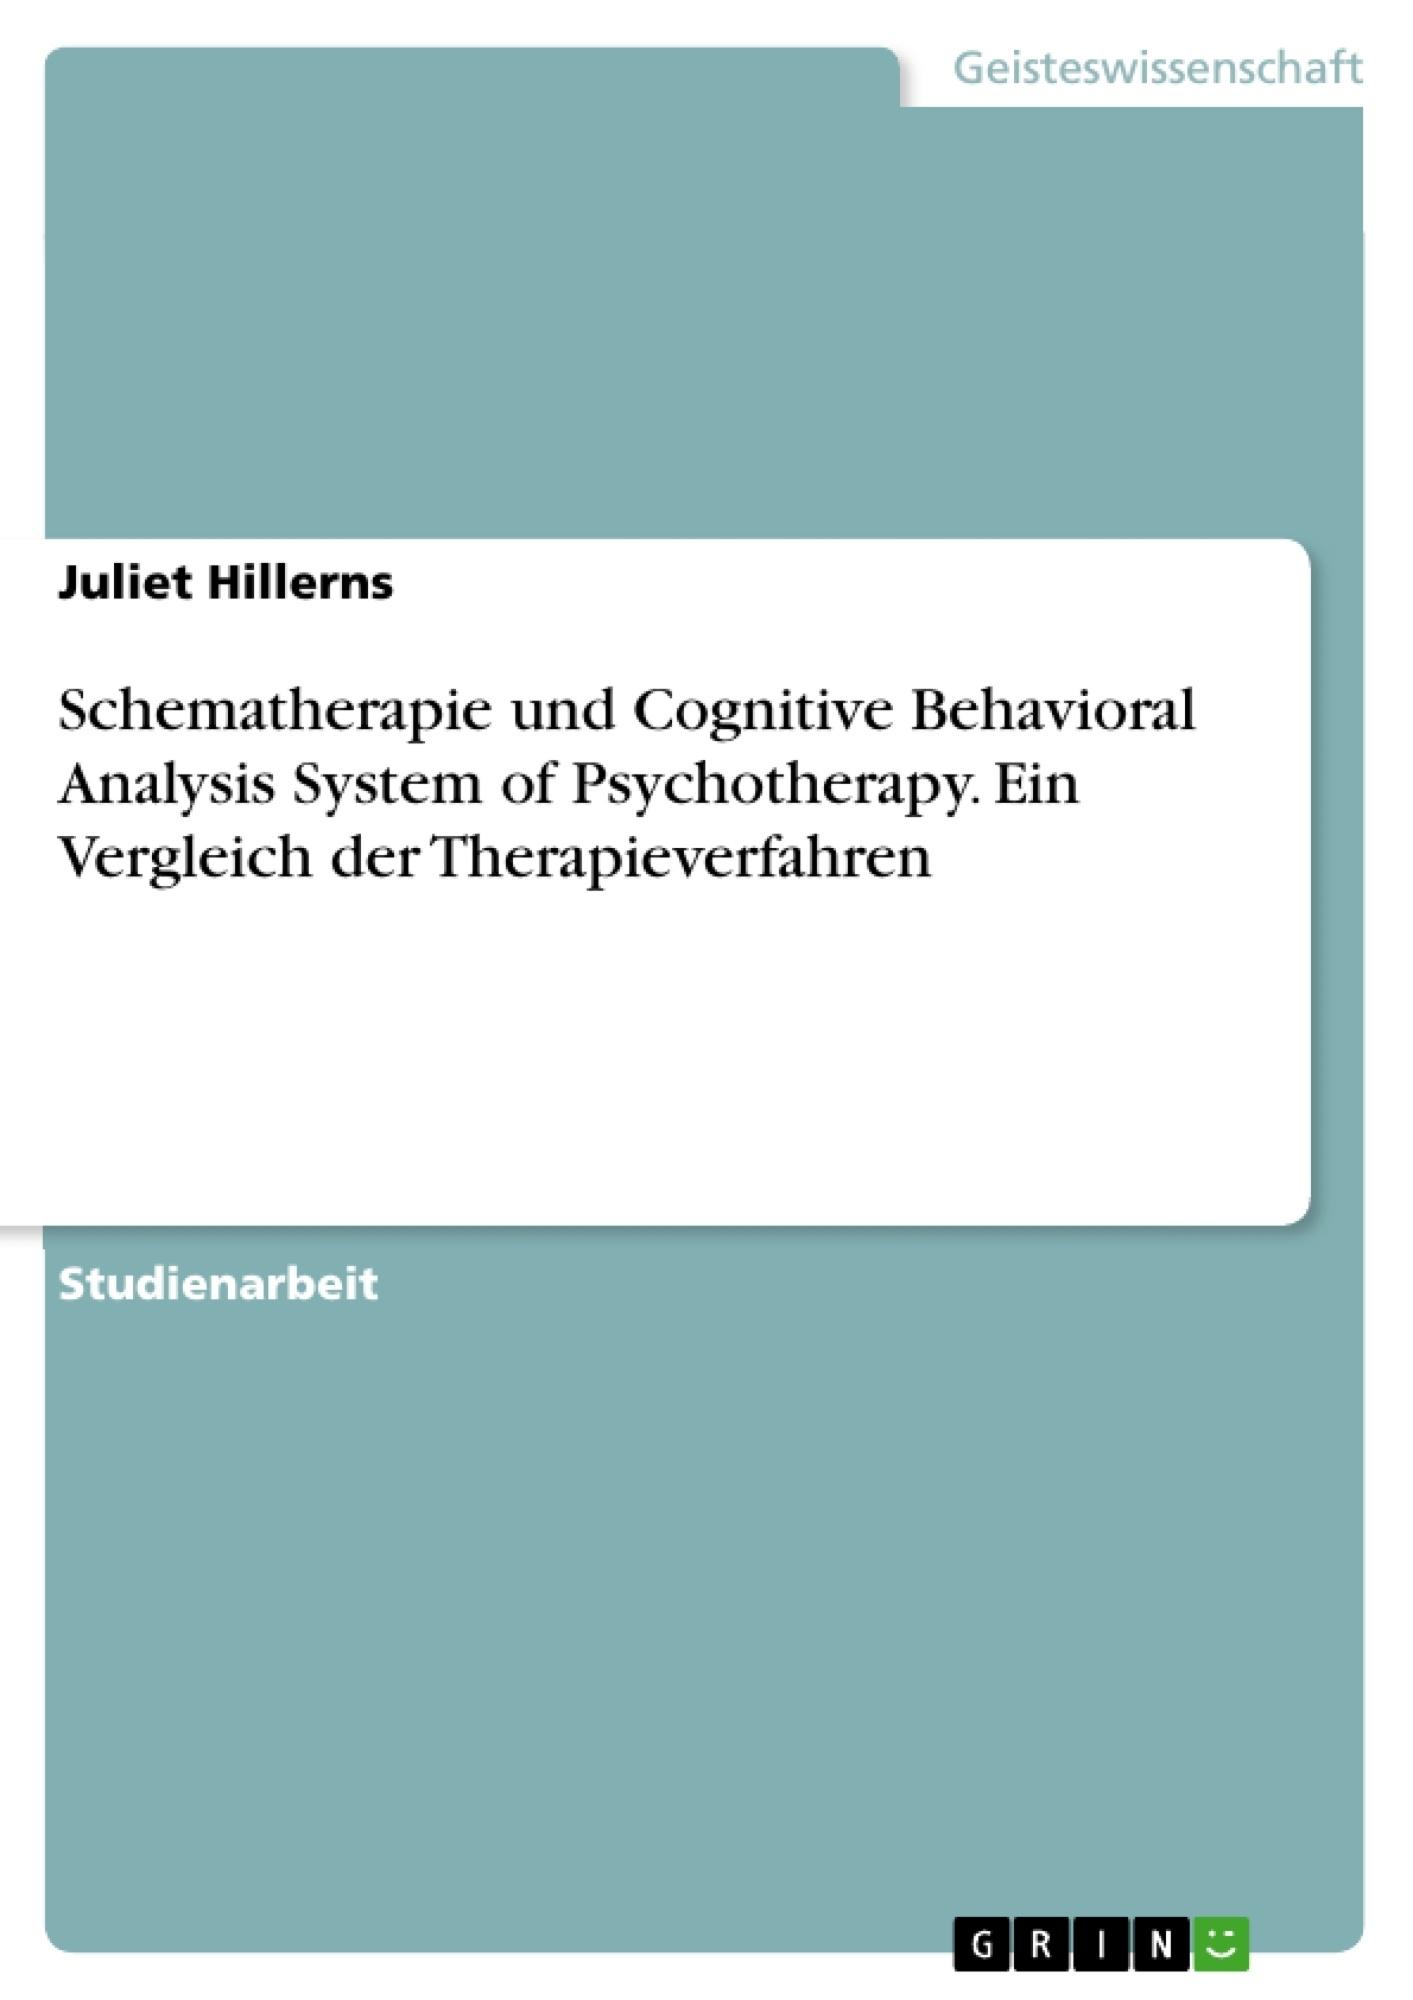 Titel: Schematherapie und Cognitive Behavioral Analysis System of Psychotherapy. Ein Vergleich der Therapieverfahren